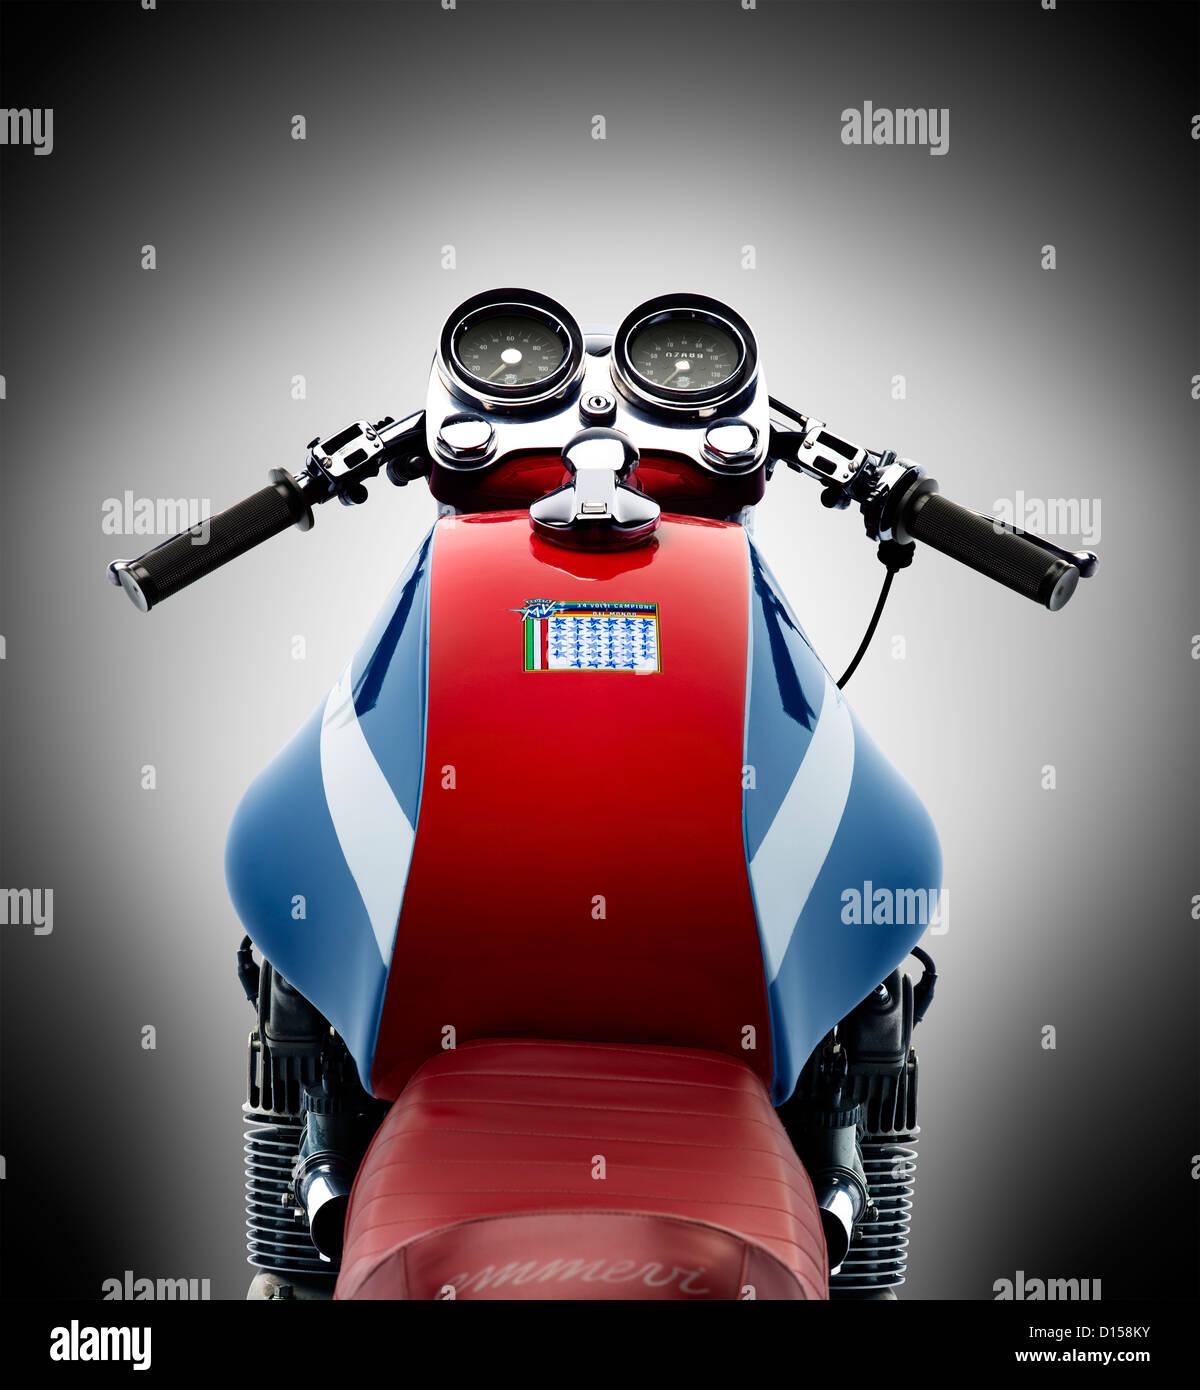 MV Agusta Moto isolate su sfondo bianco Immagini Stock